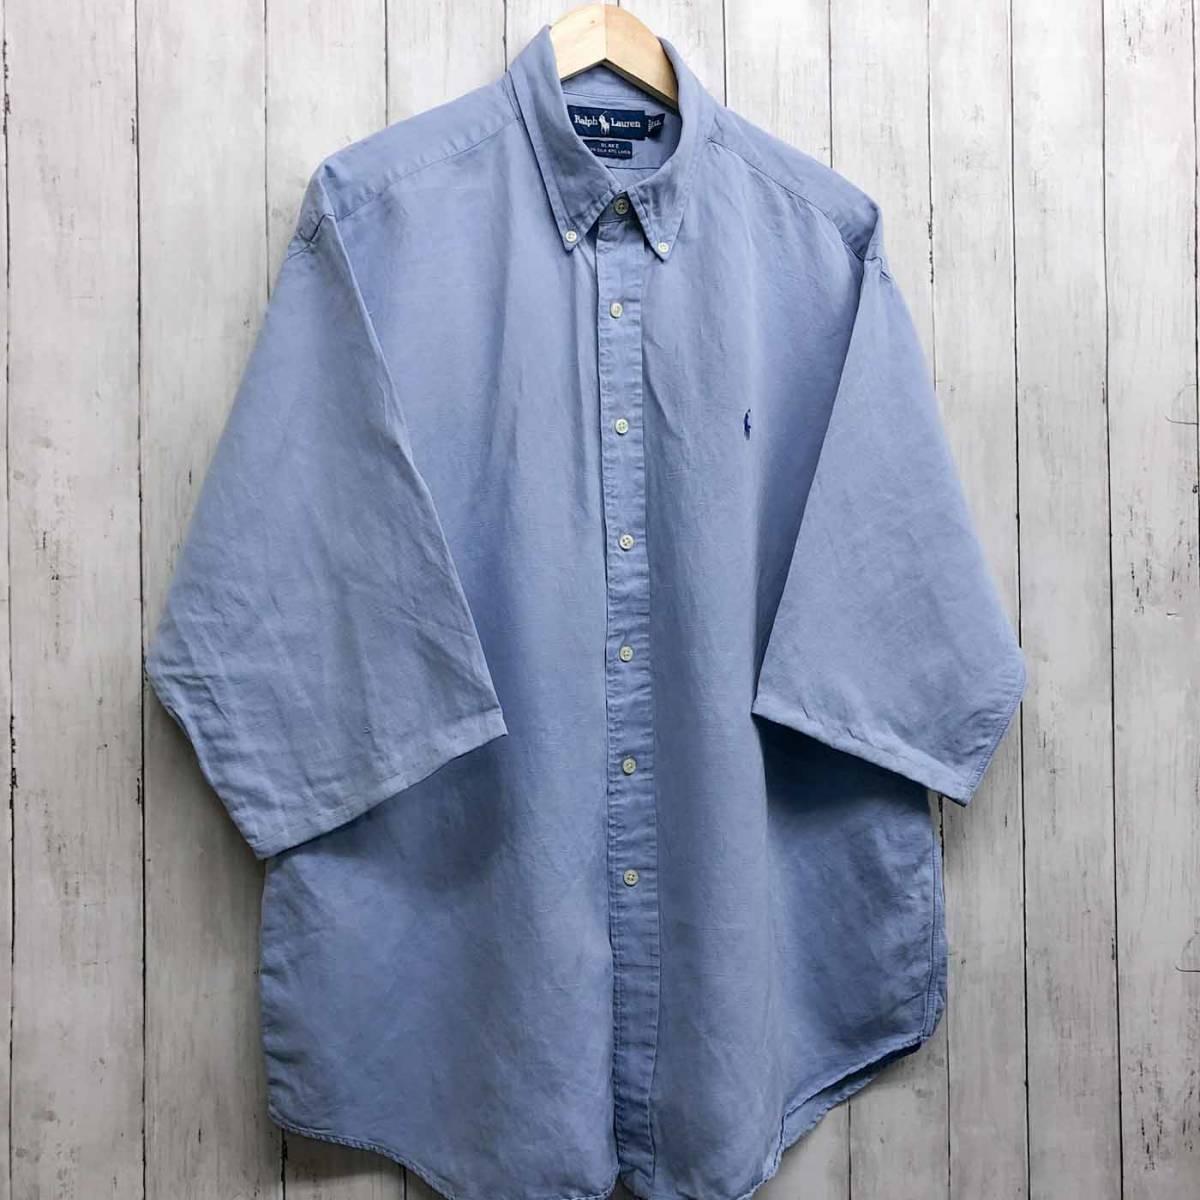 ラルフローレン POLO Ralph Lauren Polo 半袖シャツ 五分丈 メンズ ワンポイント XLサイズ 7-198_画像3